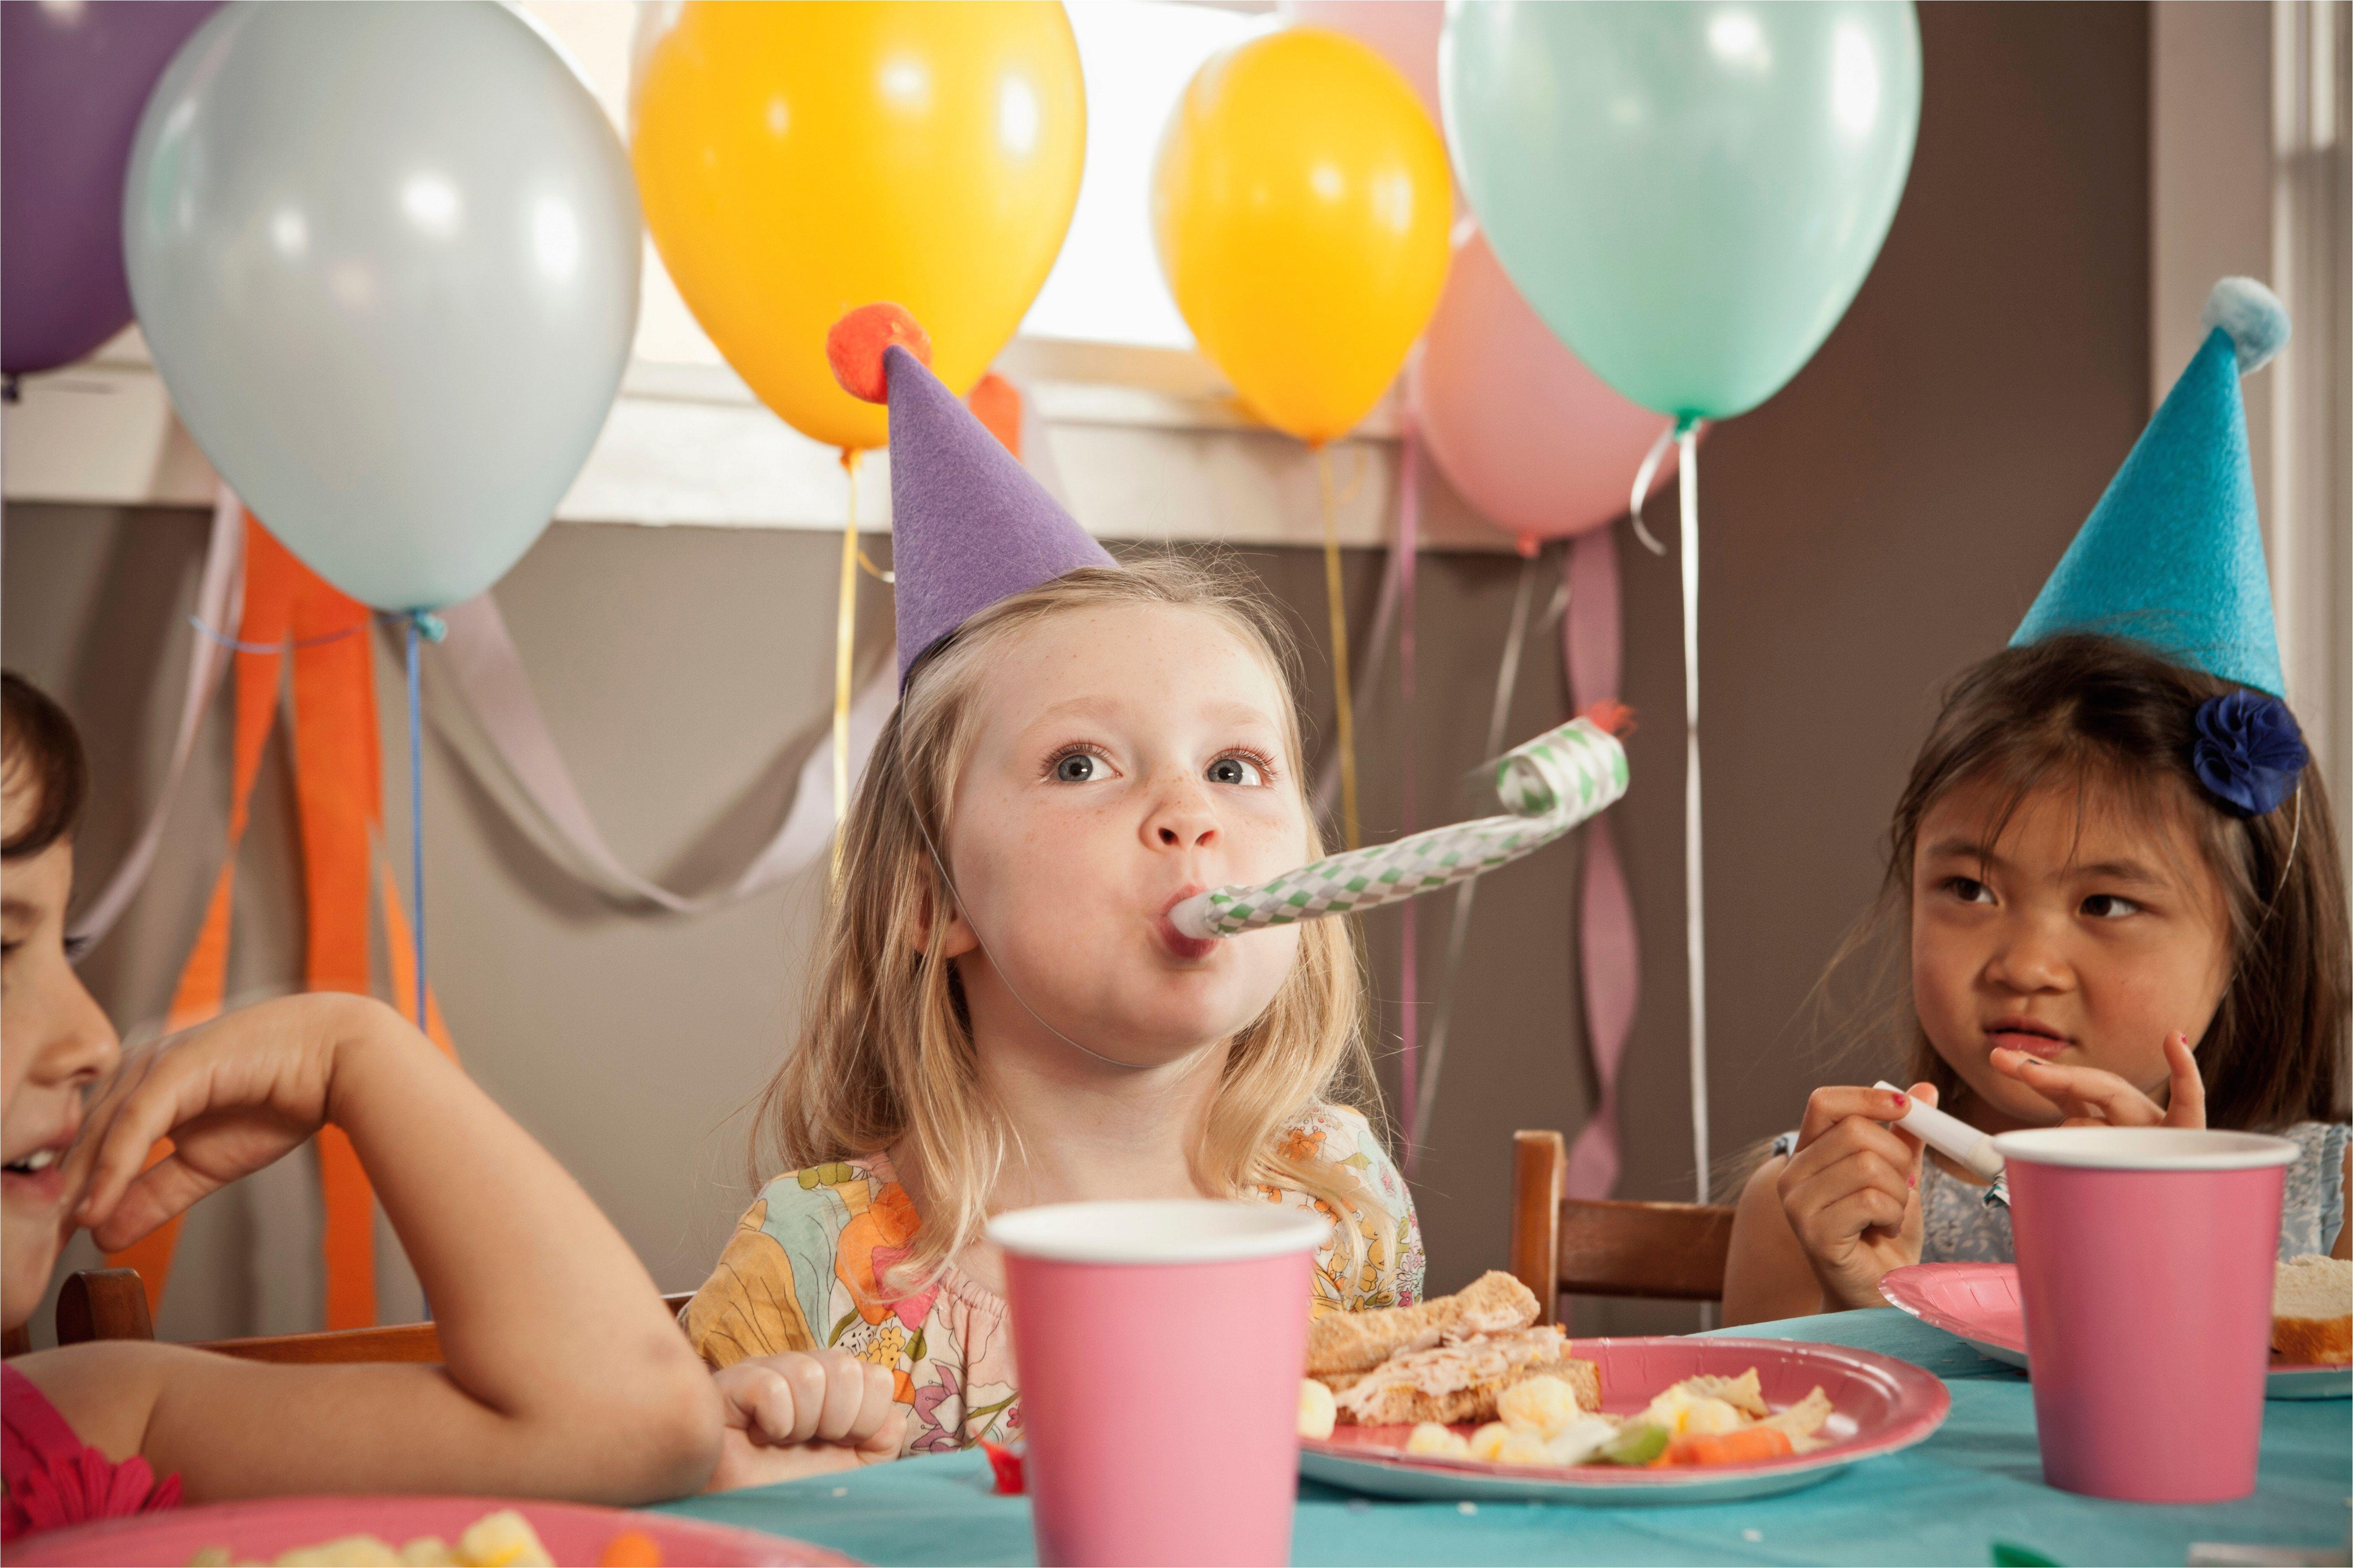 454th birthday celebrat celebrations - HD5200×3466